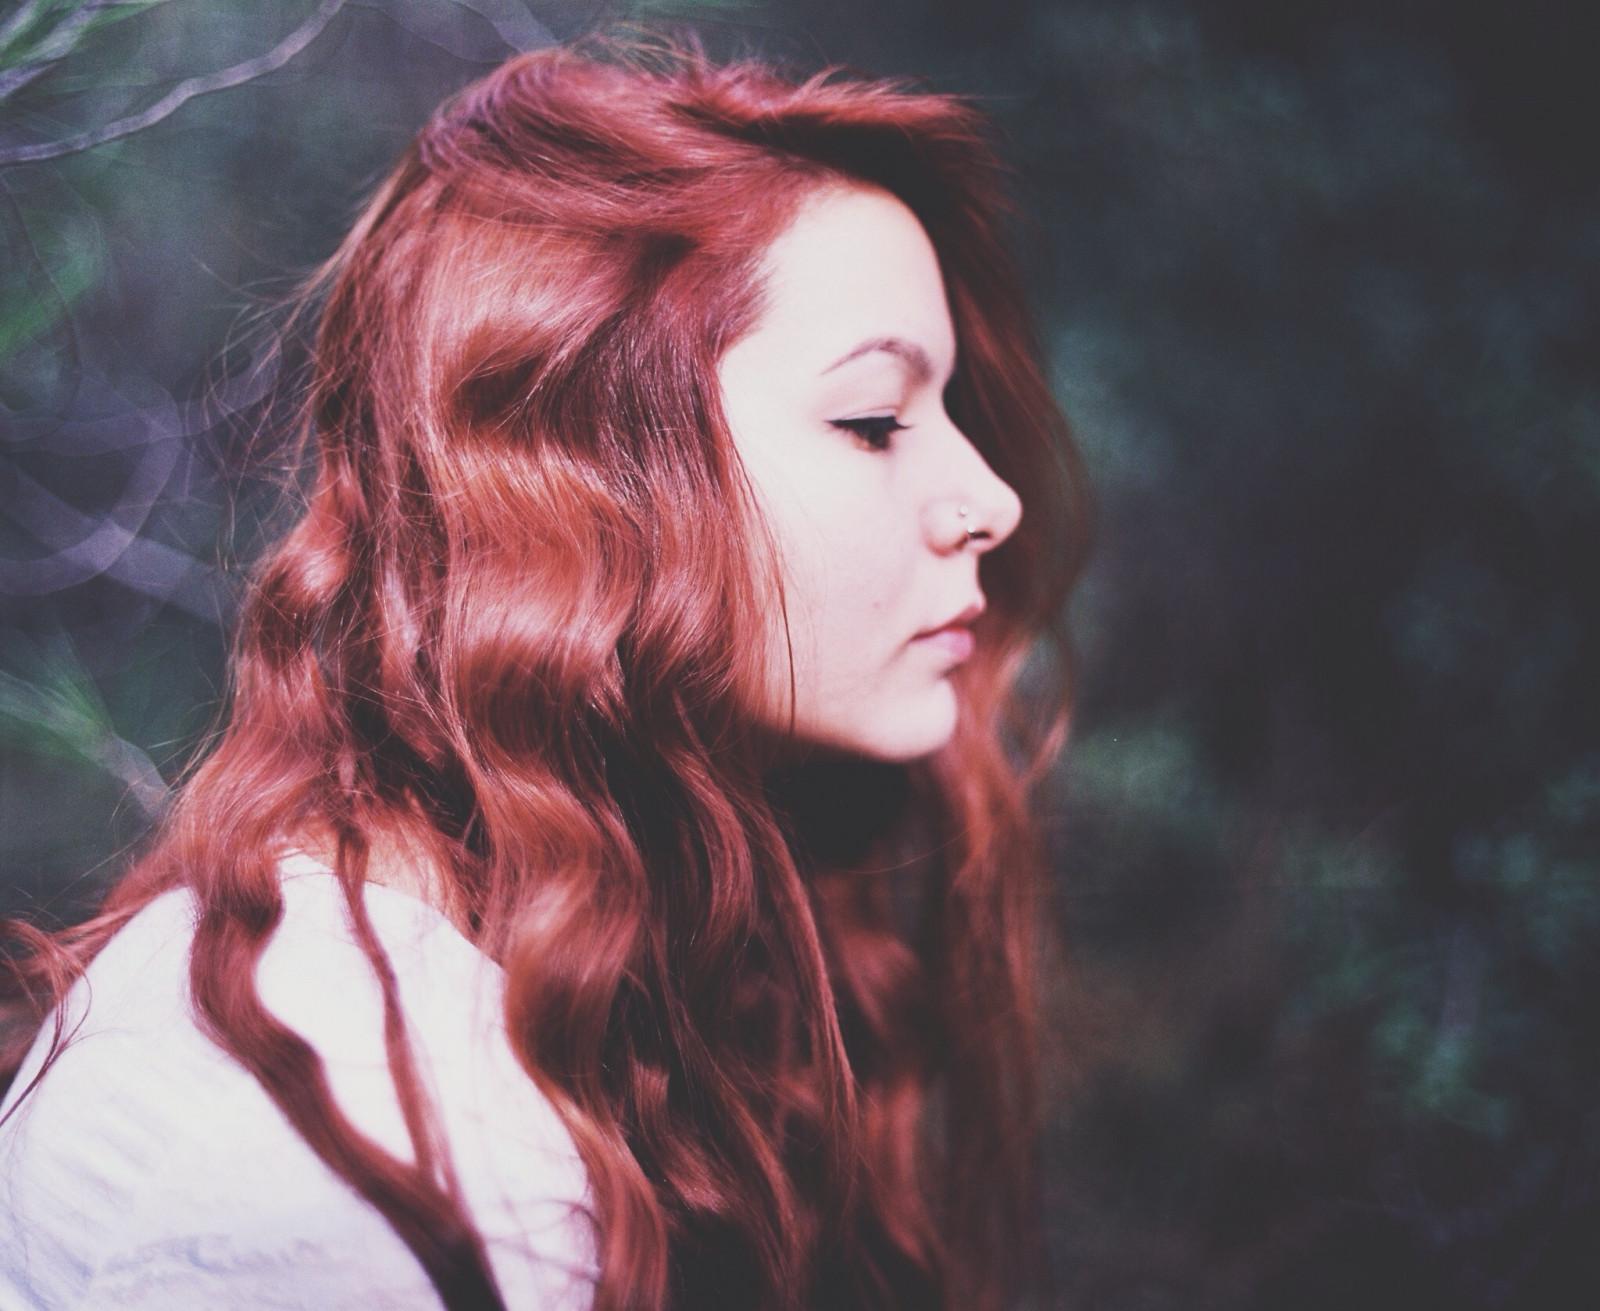 Hintergrundbilder Rot Menschliche Haarfarbe Schonheit Madchen